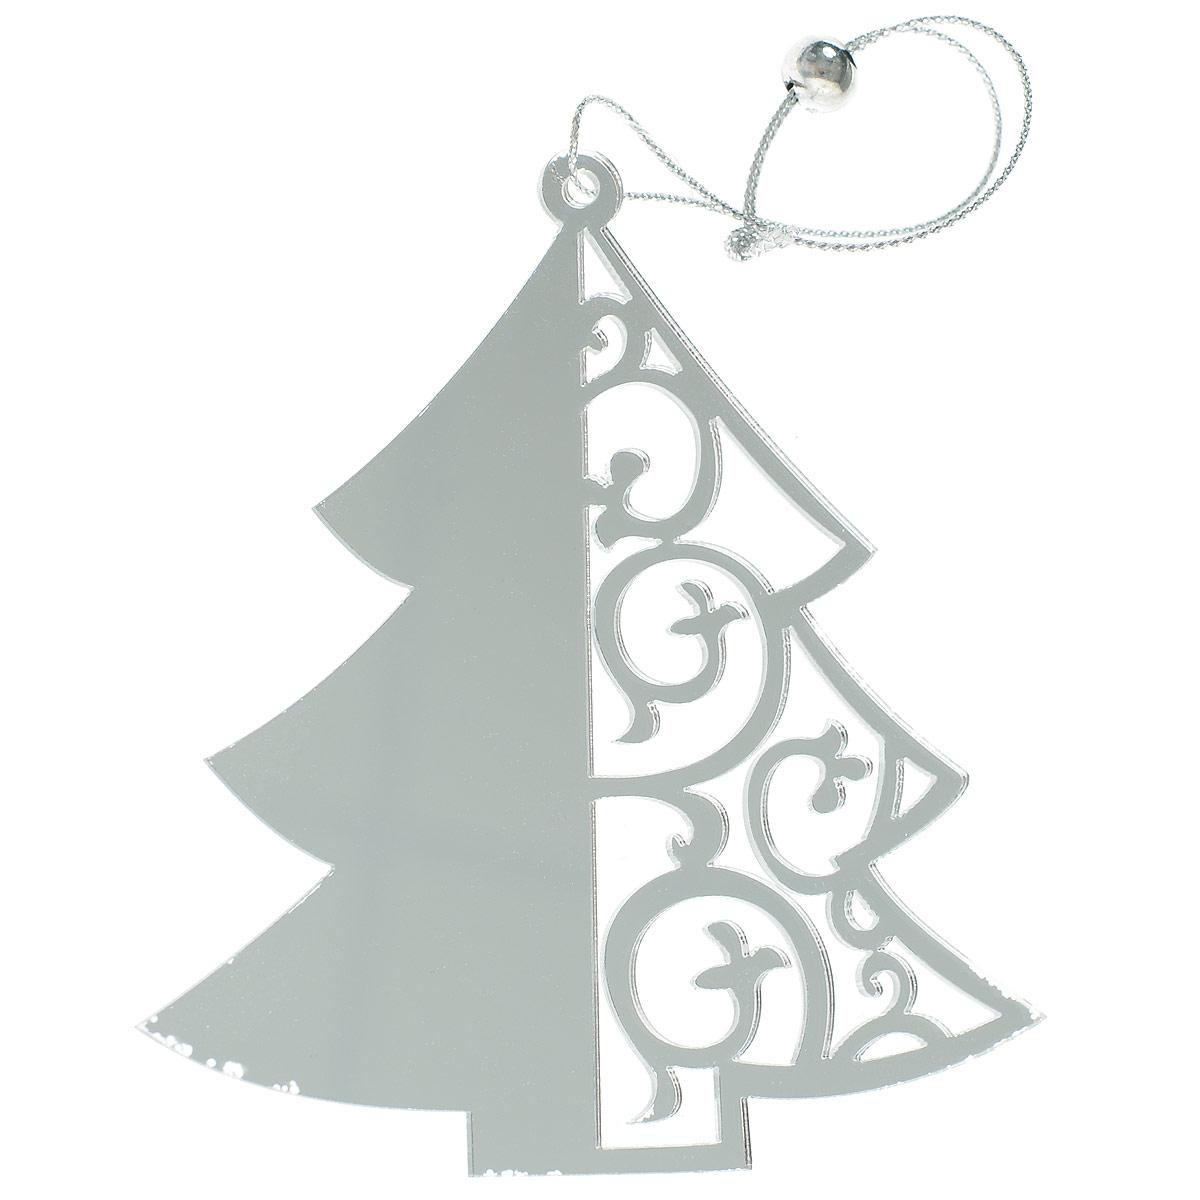 Новогоднее подвесное украшение Елка, цвет: серебристый. 7029935506Новогоднее украшение Елка отлично подойдет для декорации вашего дома и новогодней ели. Игрушка выполнена из пластика в виде узорной новогодней елочки. Украшение оснащено специальной текстильной петелькой для подвешивания. Елочная игрушка - символ Нового года. Она несет в себе волшебство и красоту праздника. Создайте в своем доме атмосферу веселья и радости, украшая всей семьей новогоднюю елку нарядными игрушками, которые будут из года в год накапливать теплоту воспоминаний.